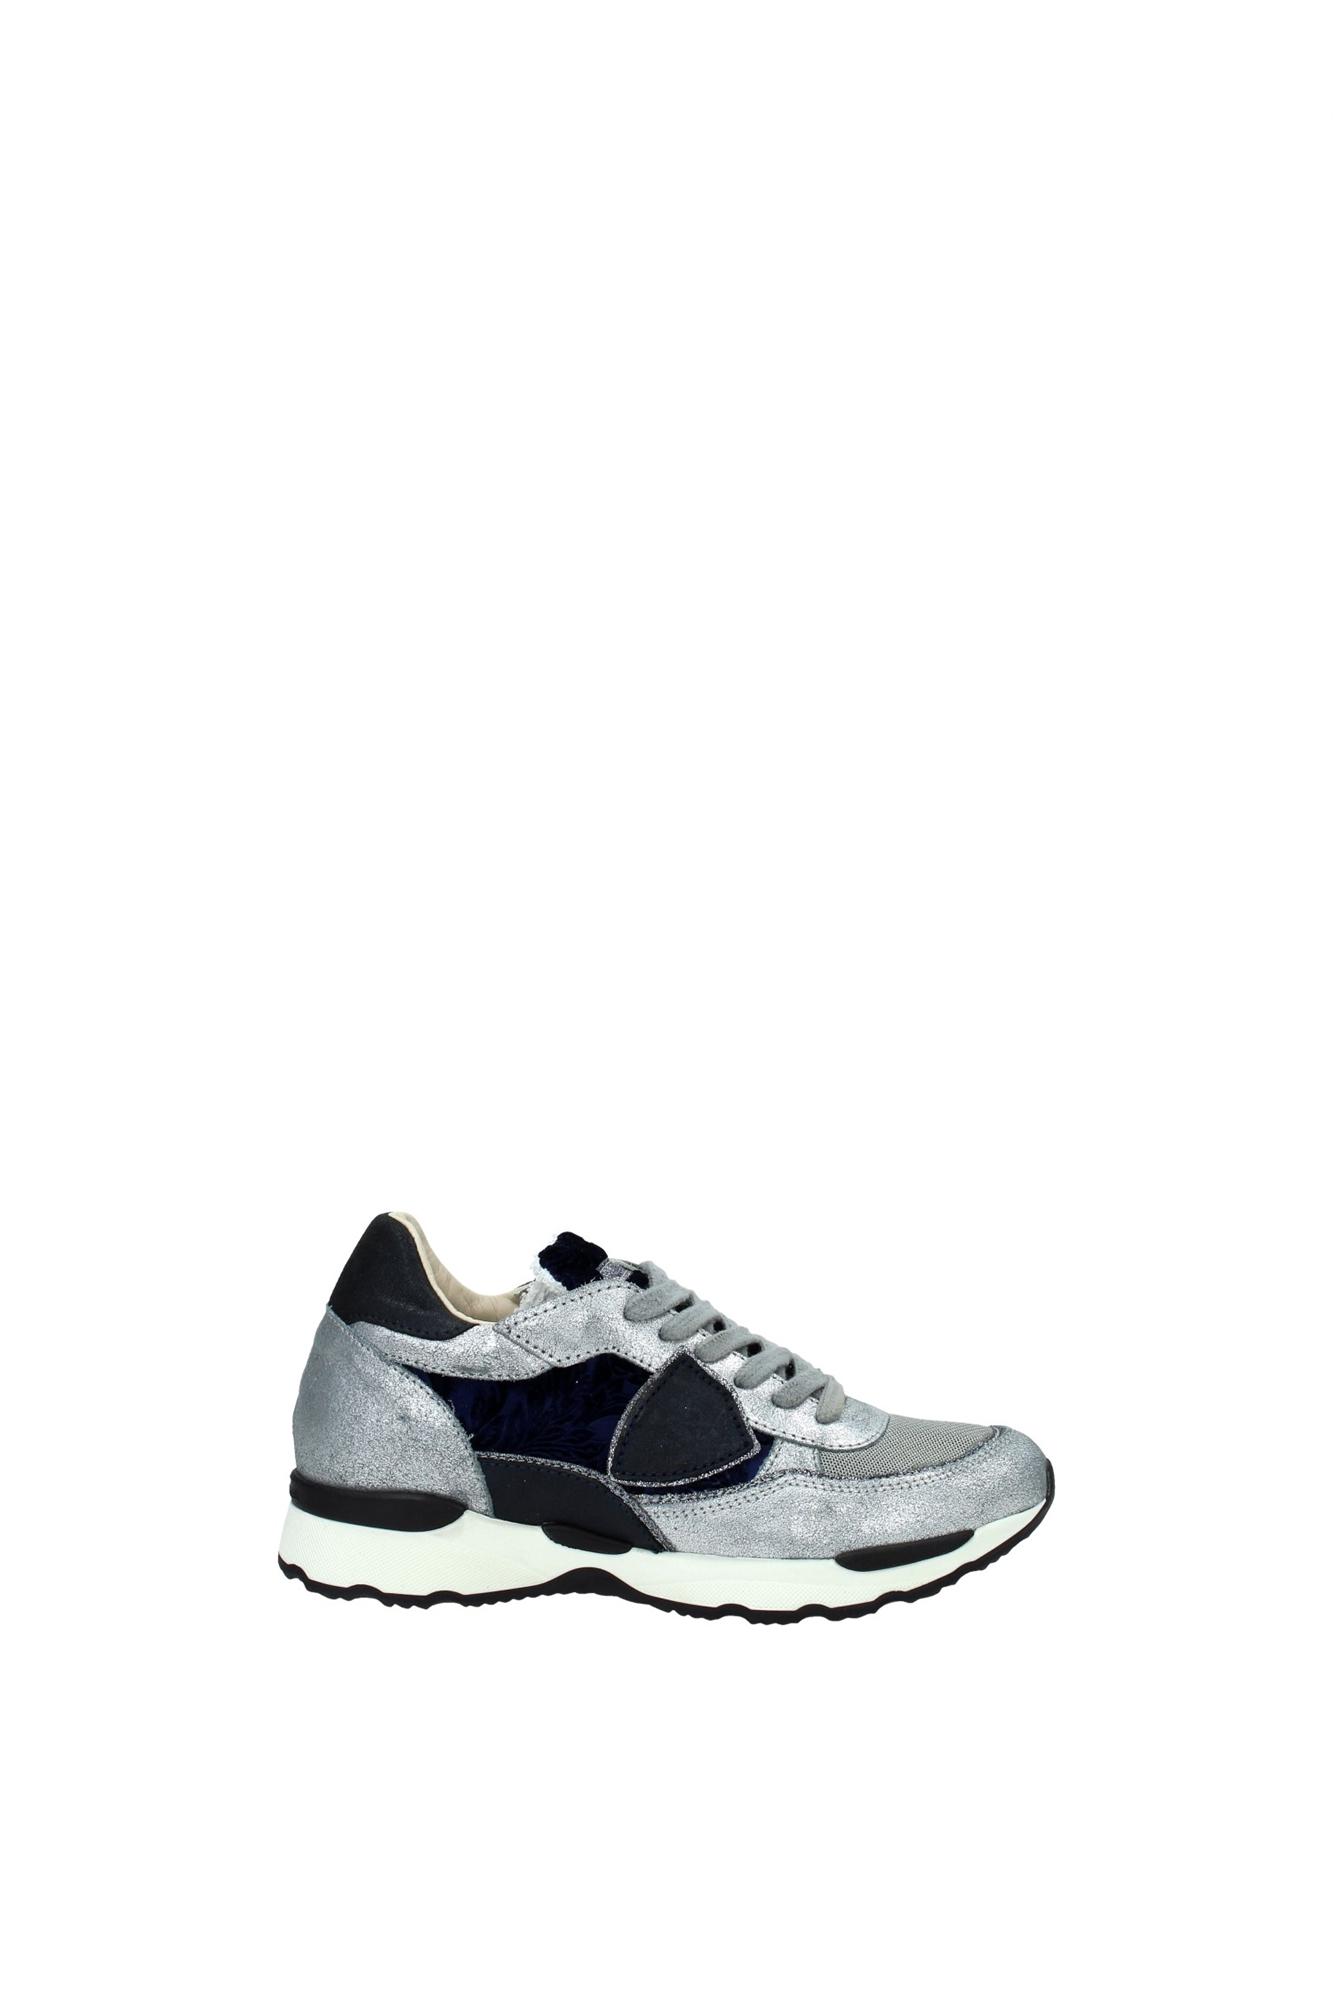 sneakers philippe model damen wildleder silber cyldde02 ebay. Black Bedroom Furniture Sets. Home Design Ideas